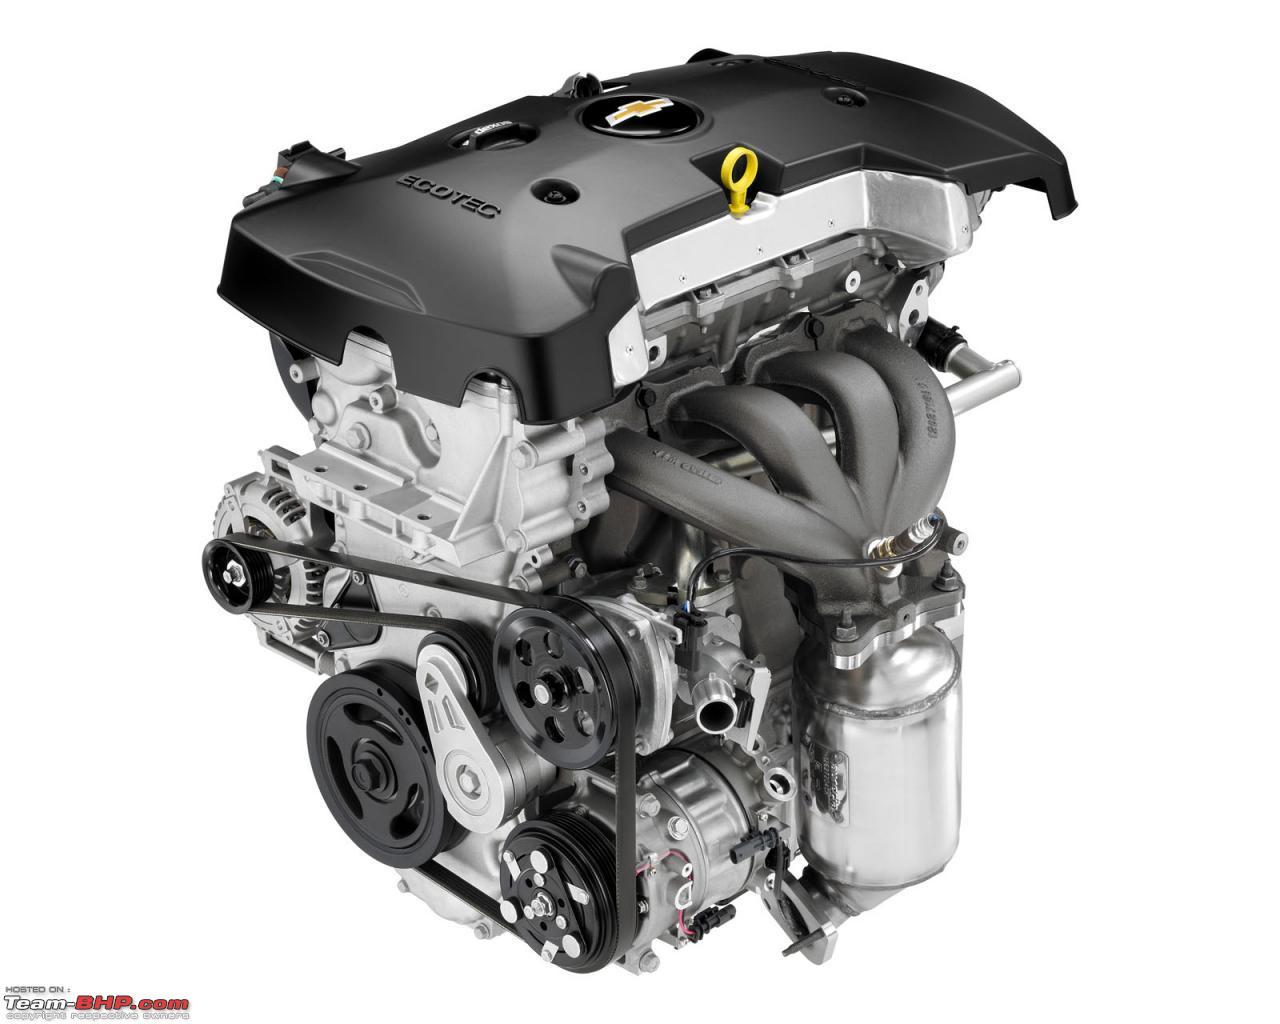 2013 Chevy Malibu - Camry, Accord, Passat go hide! - Team-BHP